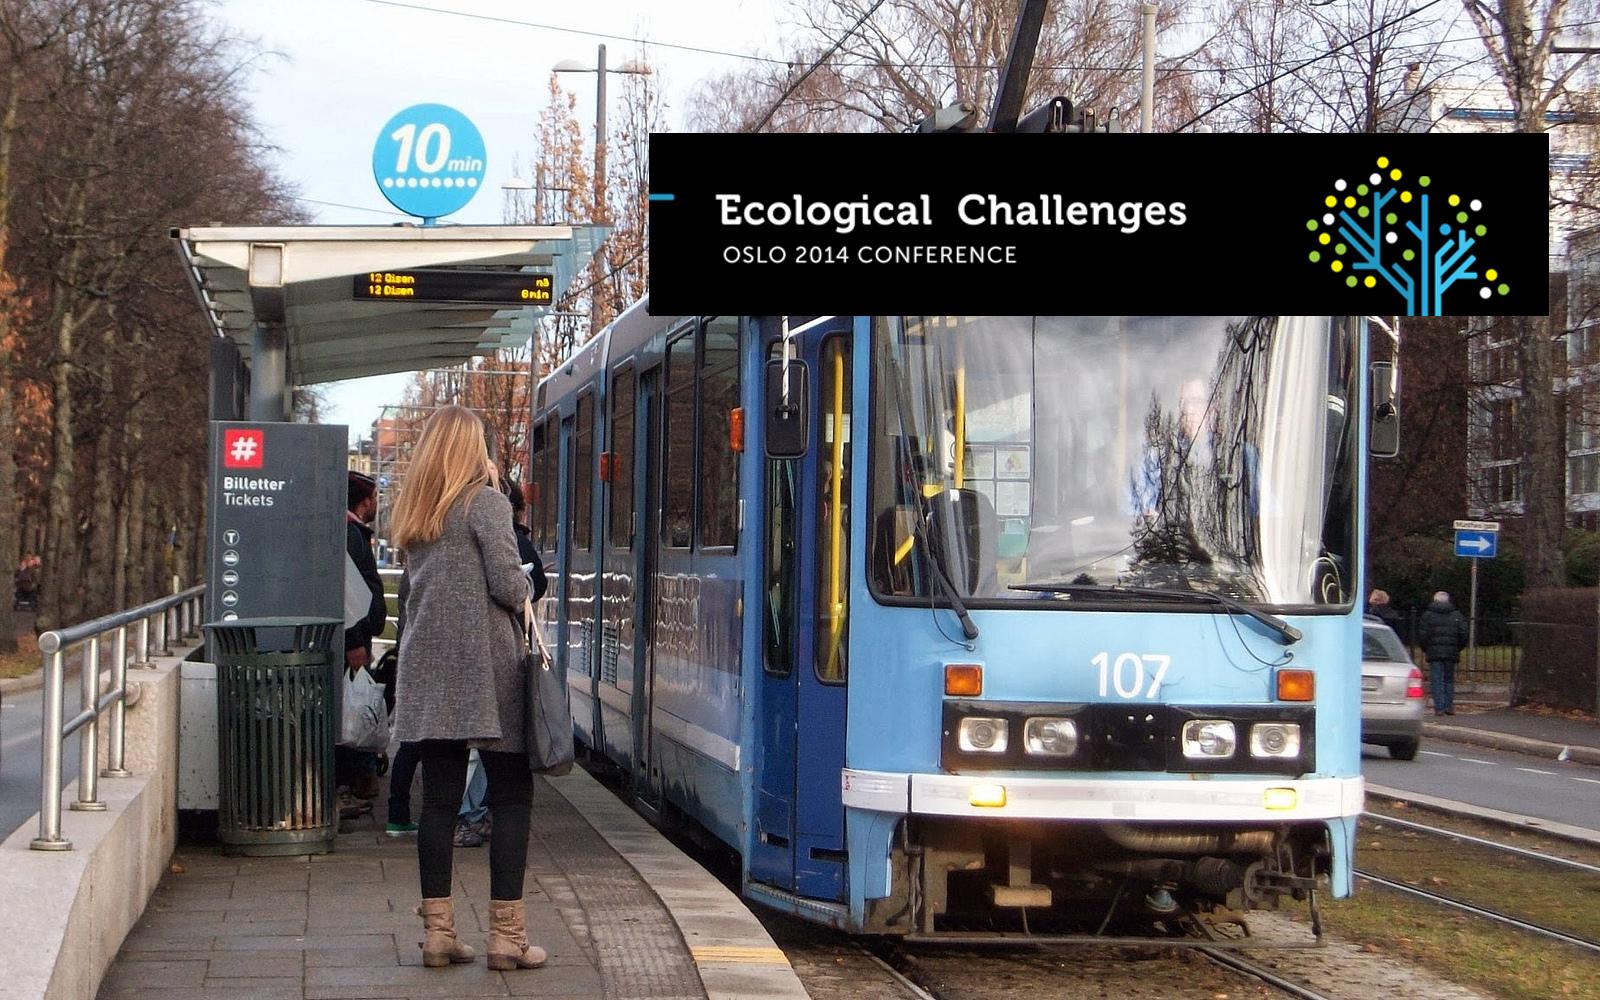 Följ med till Ecological Challenges i Oslo! Foto: Young Shanahan